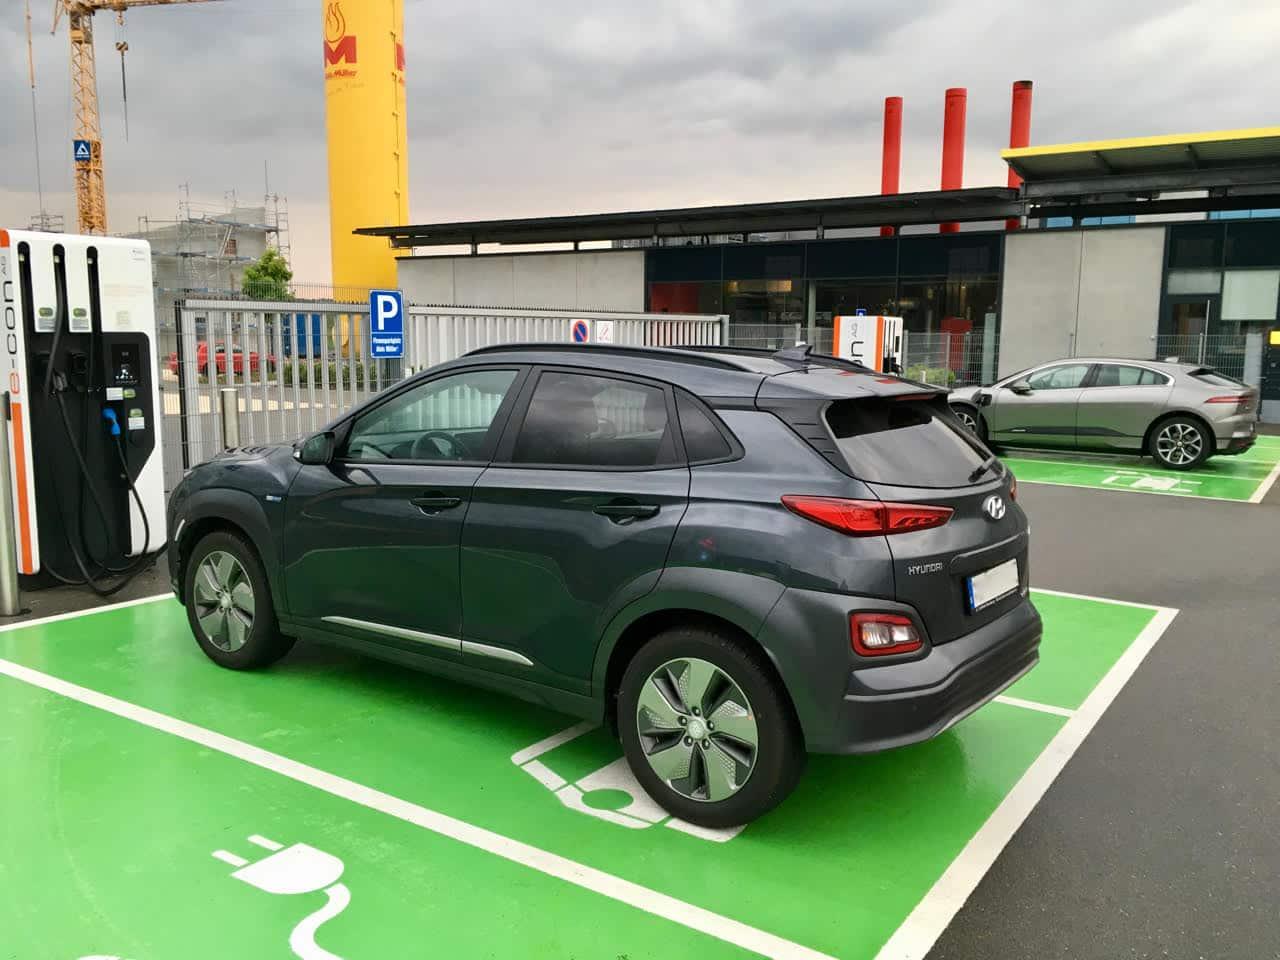 Reiseberich - KONA EV vom Bodensee zum  Fahrtechnikzentrum Teesdorf und zum eTesttag in Melk » unnamed 9